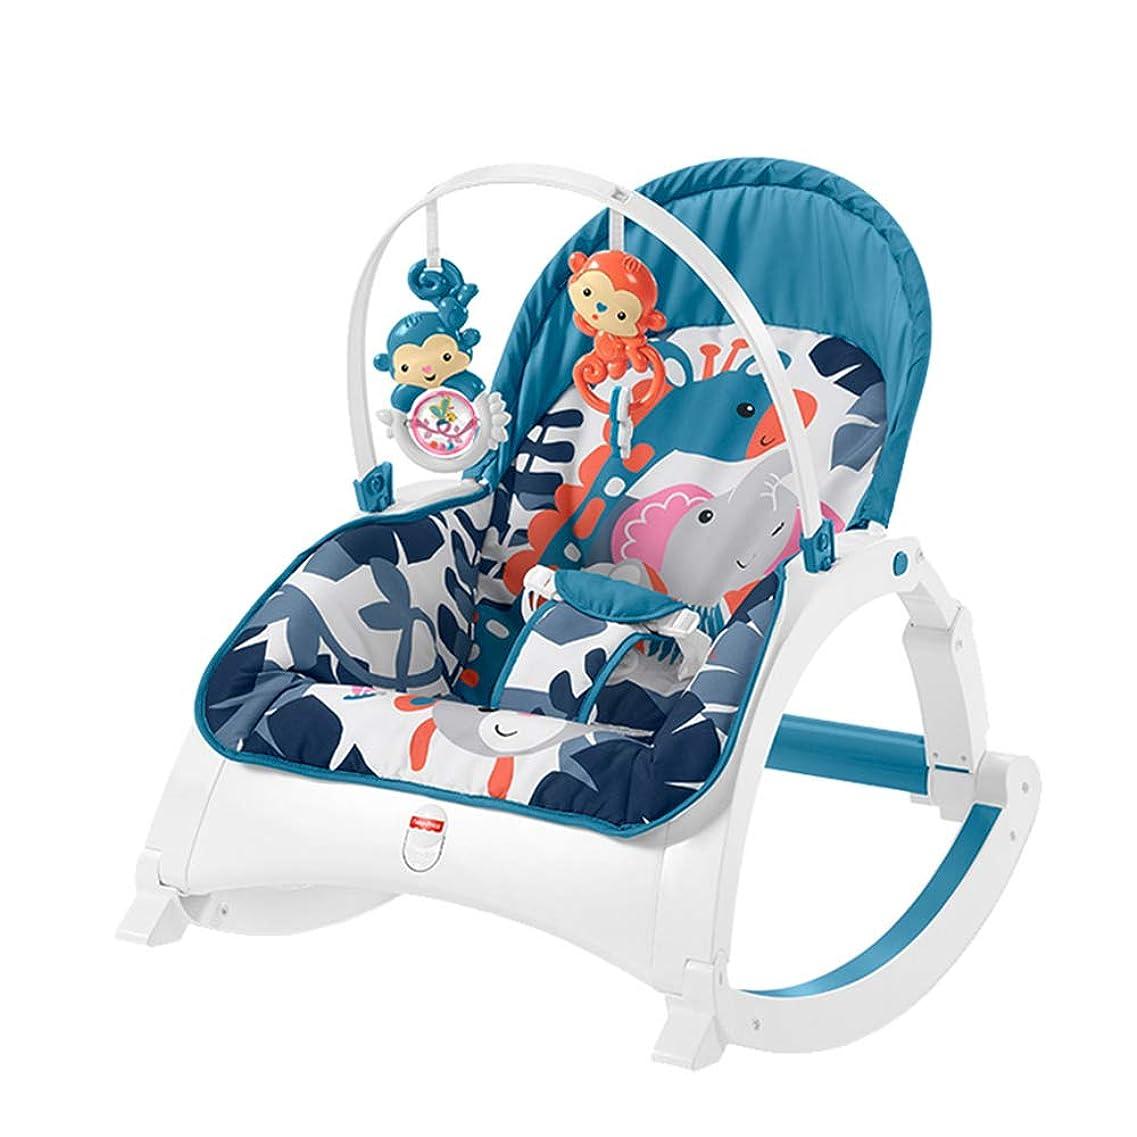 シンジケートジュース触覚ベビースイングチェアは、多機能ポータブルロッキングチェアに座ると、家族やアウトドア、旅行に適し横たわることができます